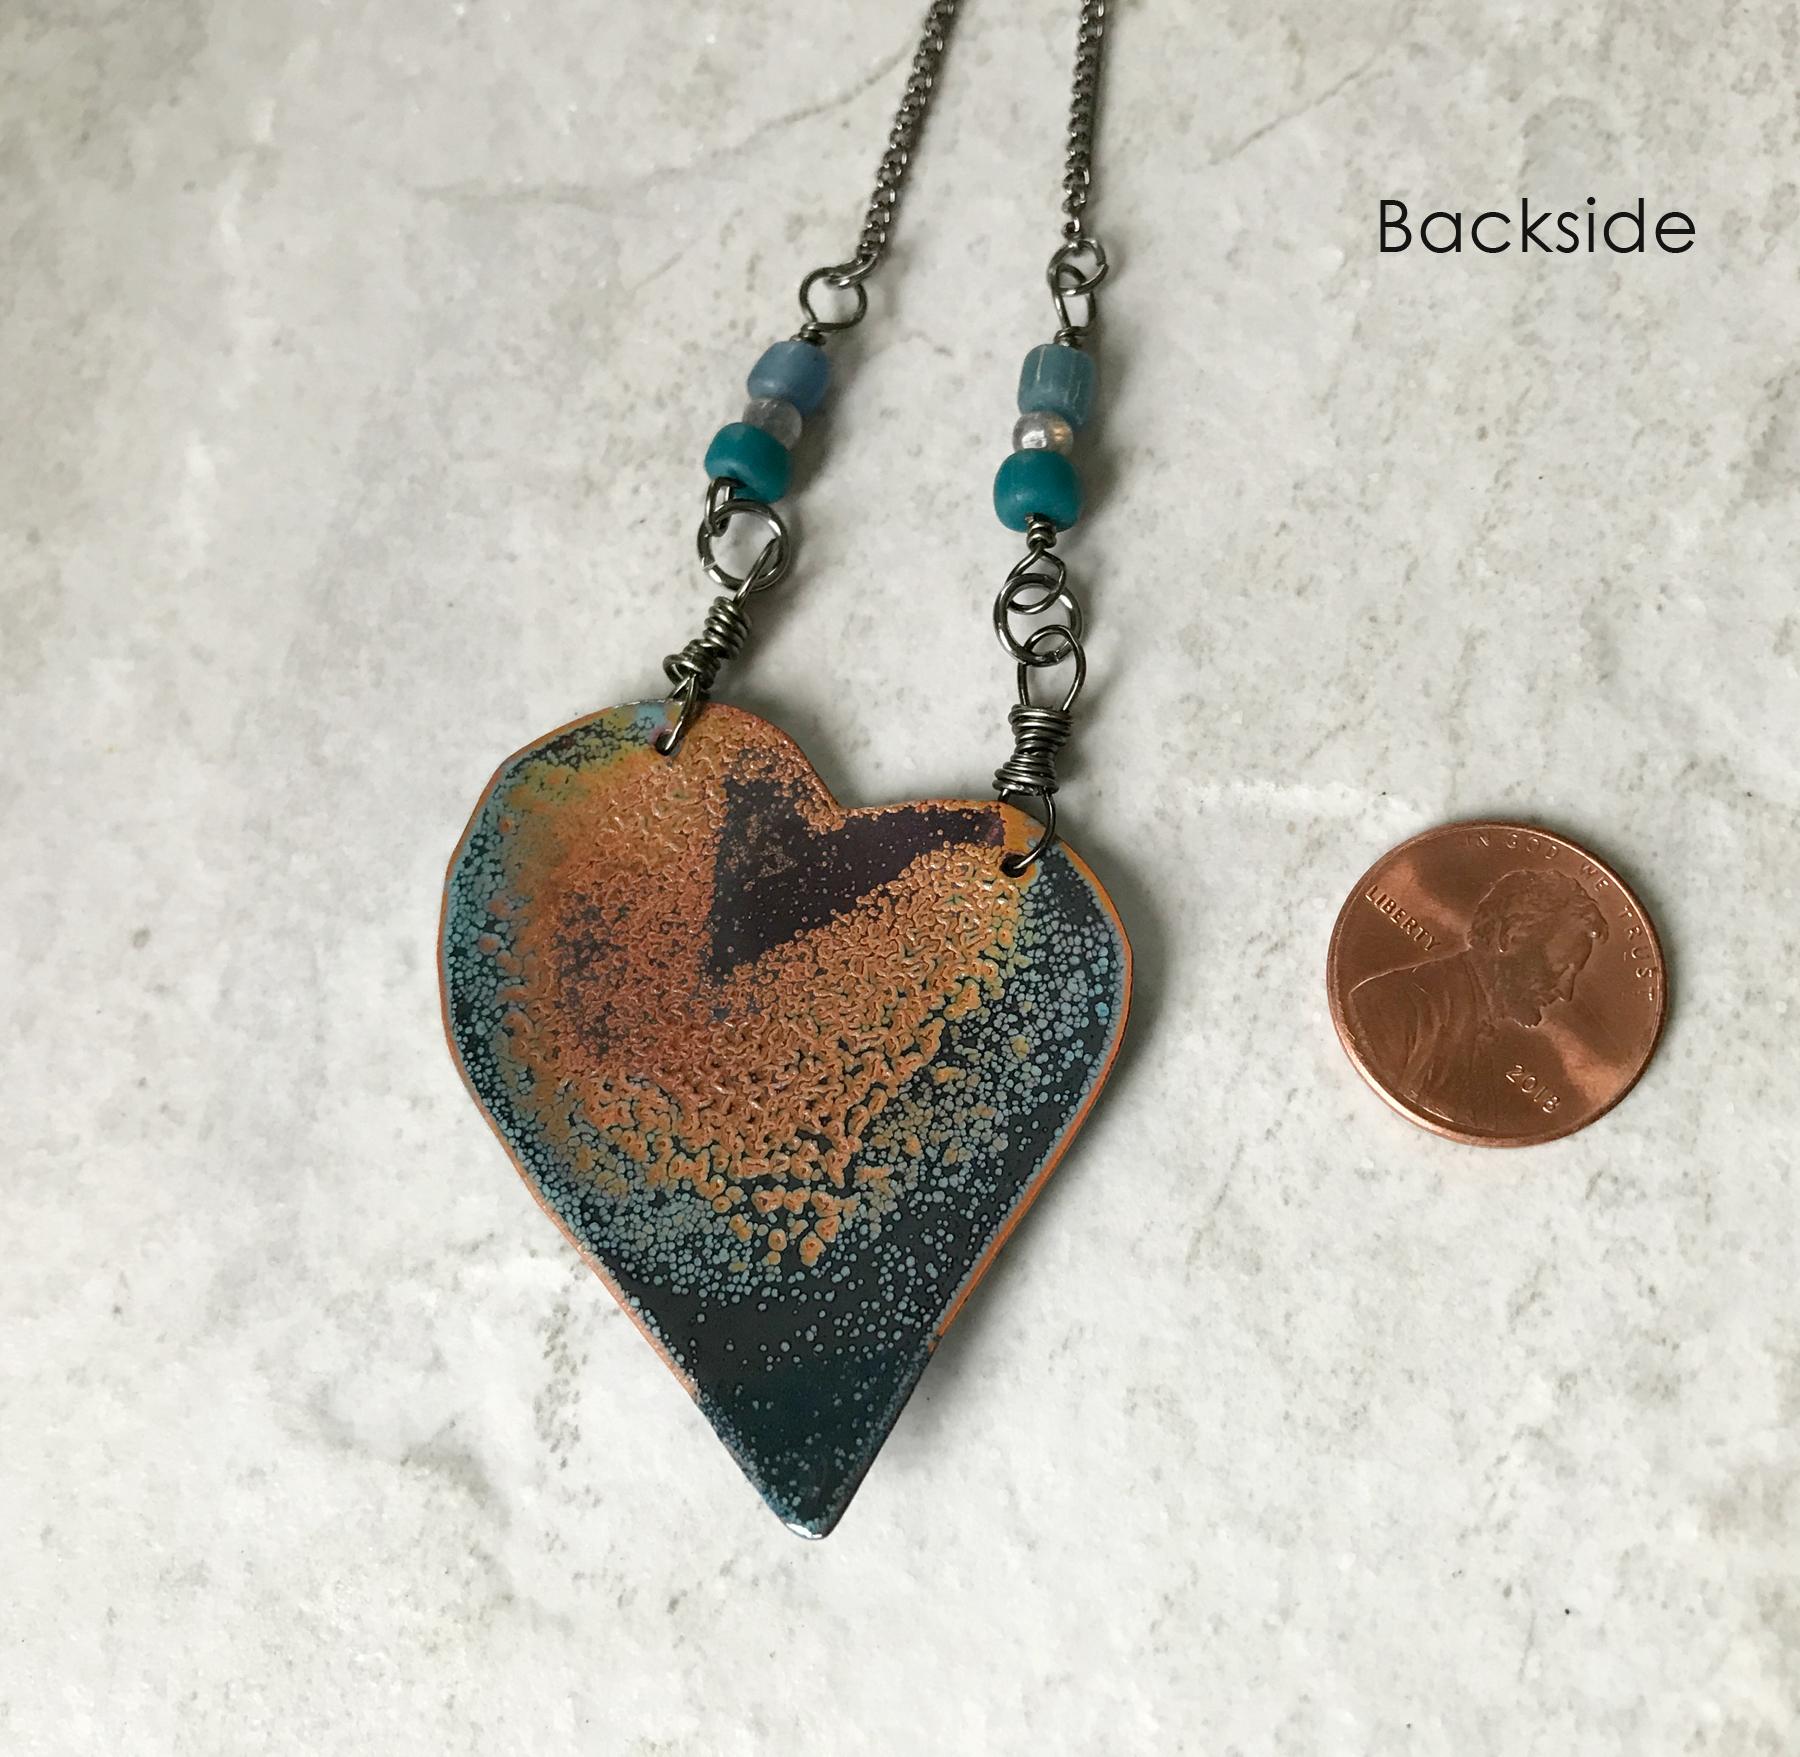 Blue enamel heart necklace